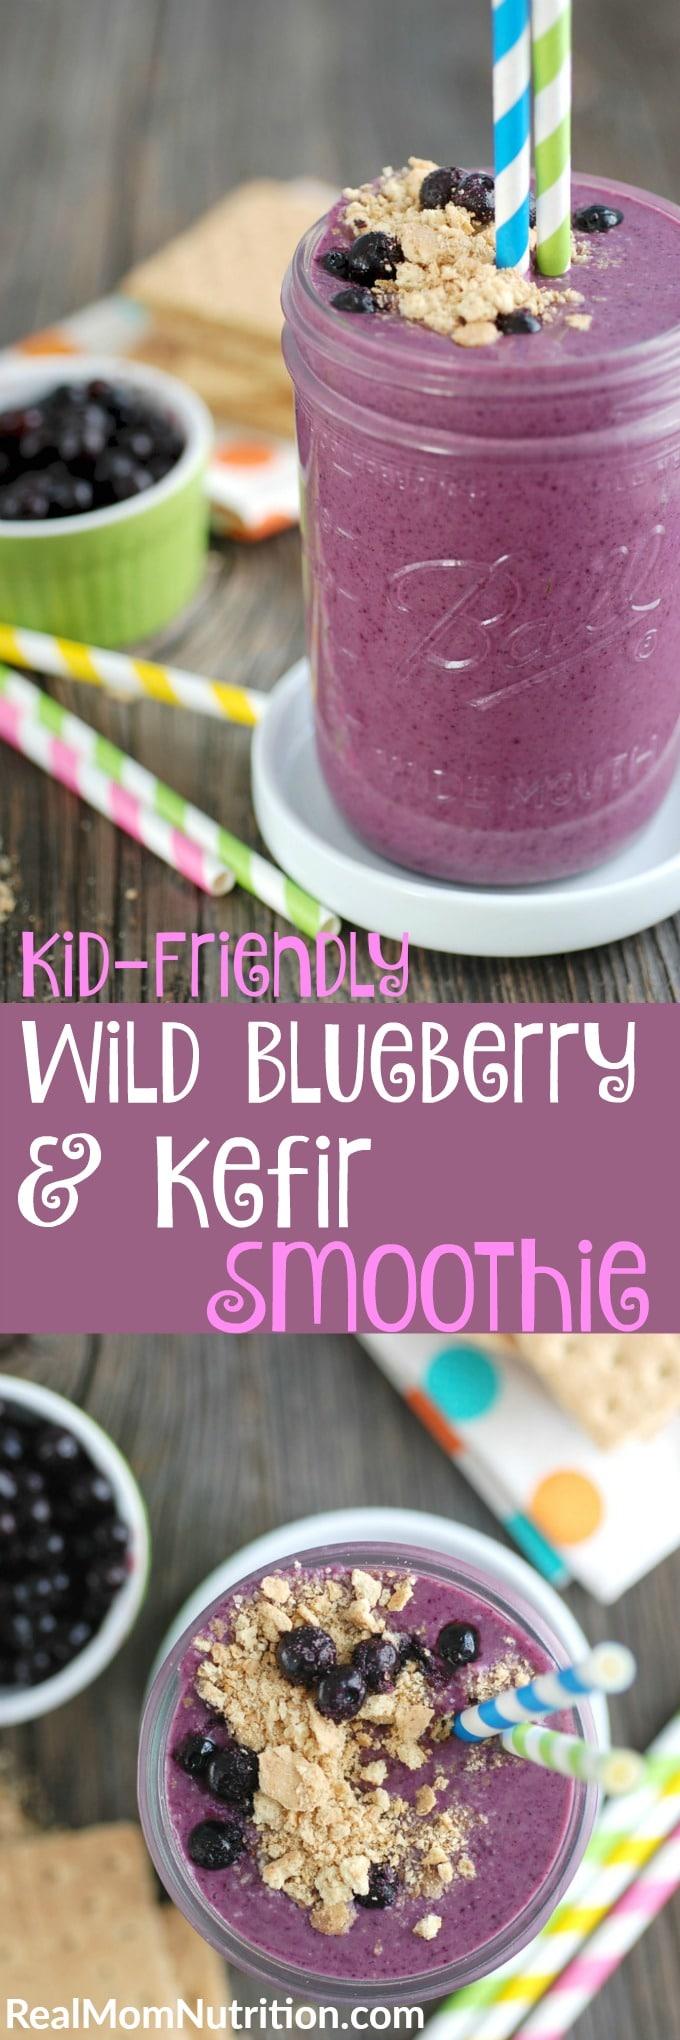 Wild Blueberry Smoothie